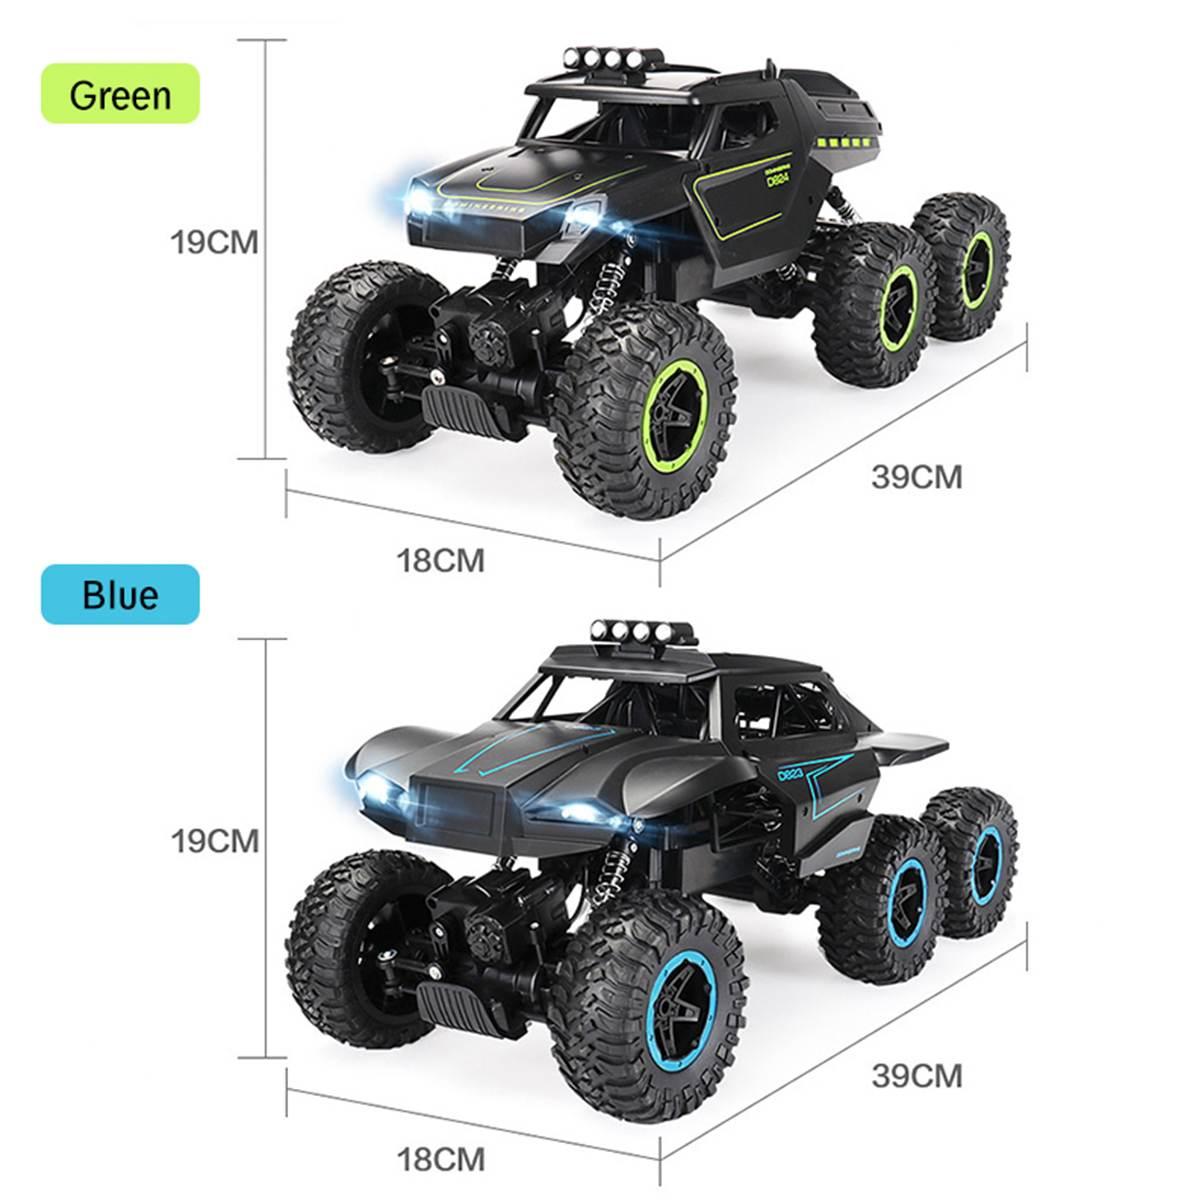 1/12 6WD tout-terrain voiture lecteur grimpeur avec échelle de phare 2.4 GHz RC camion jouet cadeau de noël pour enfants et adultes - 6